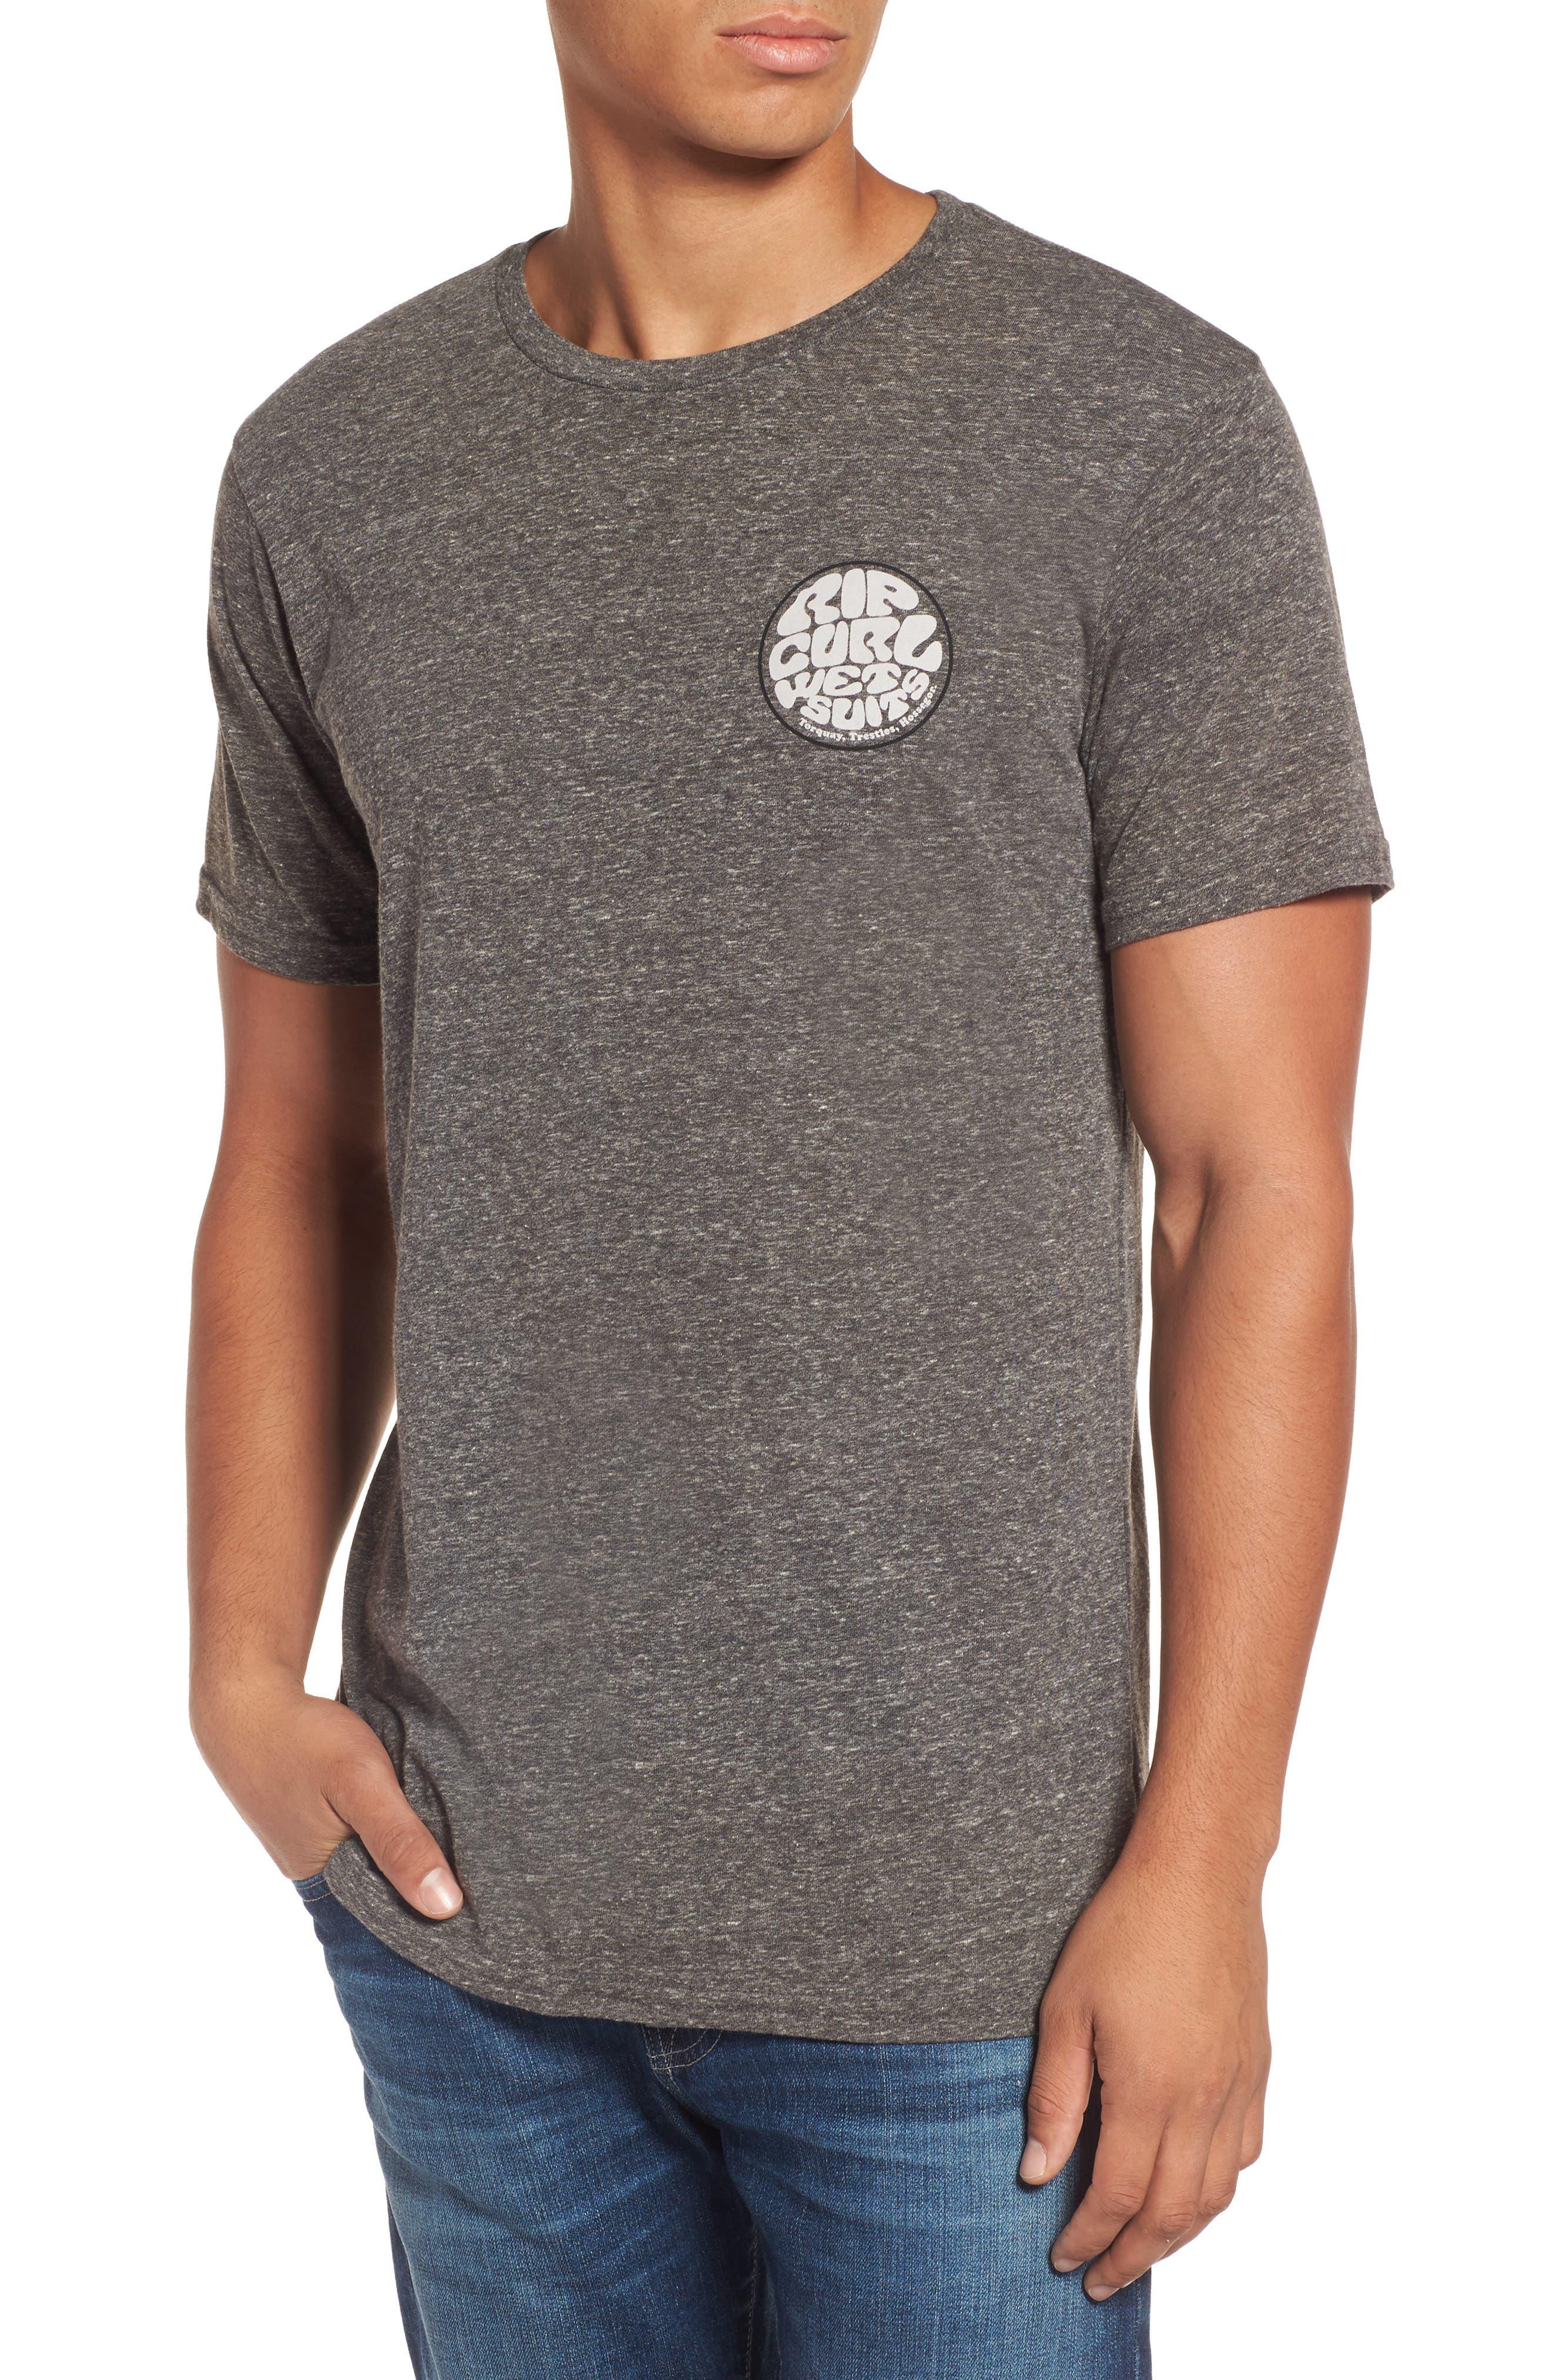 Rip Curl The Wettie Slubbed Logo Graphic T-Shirt